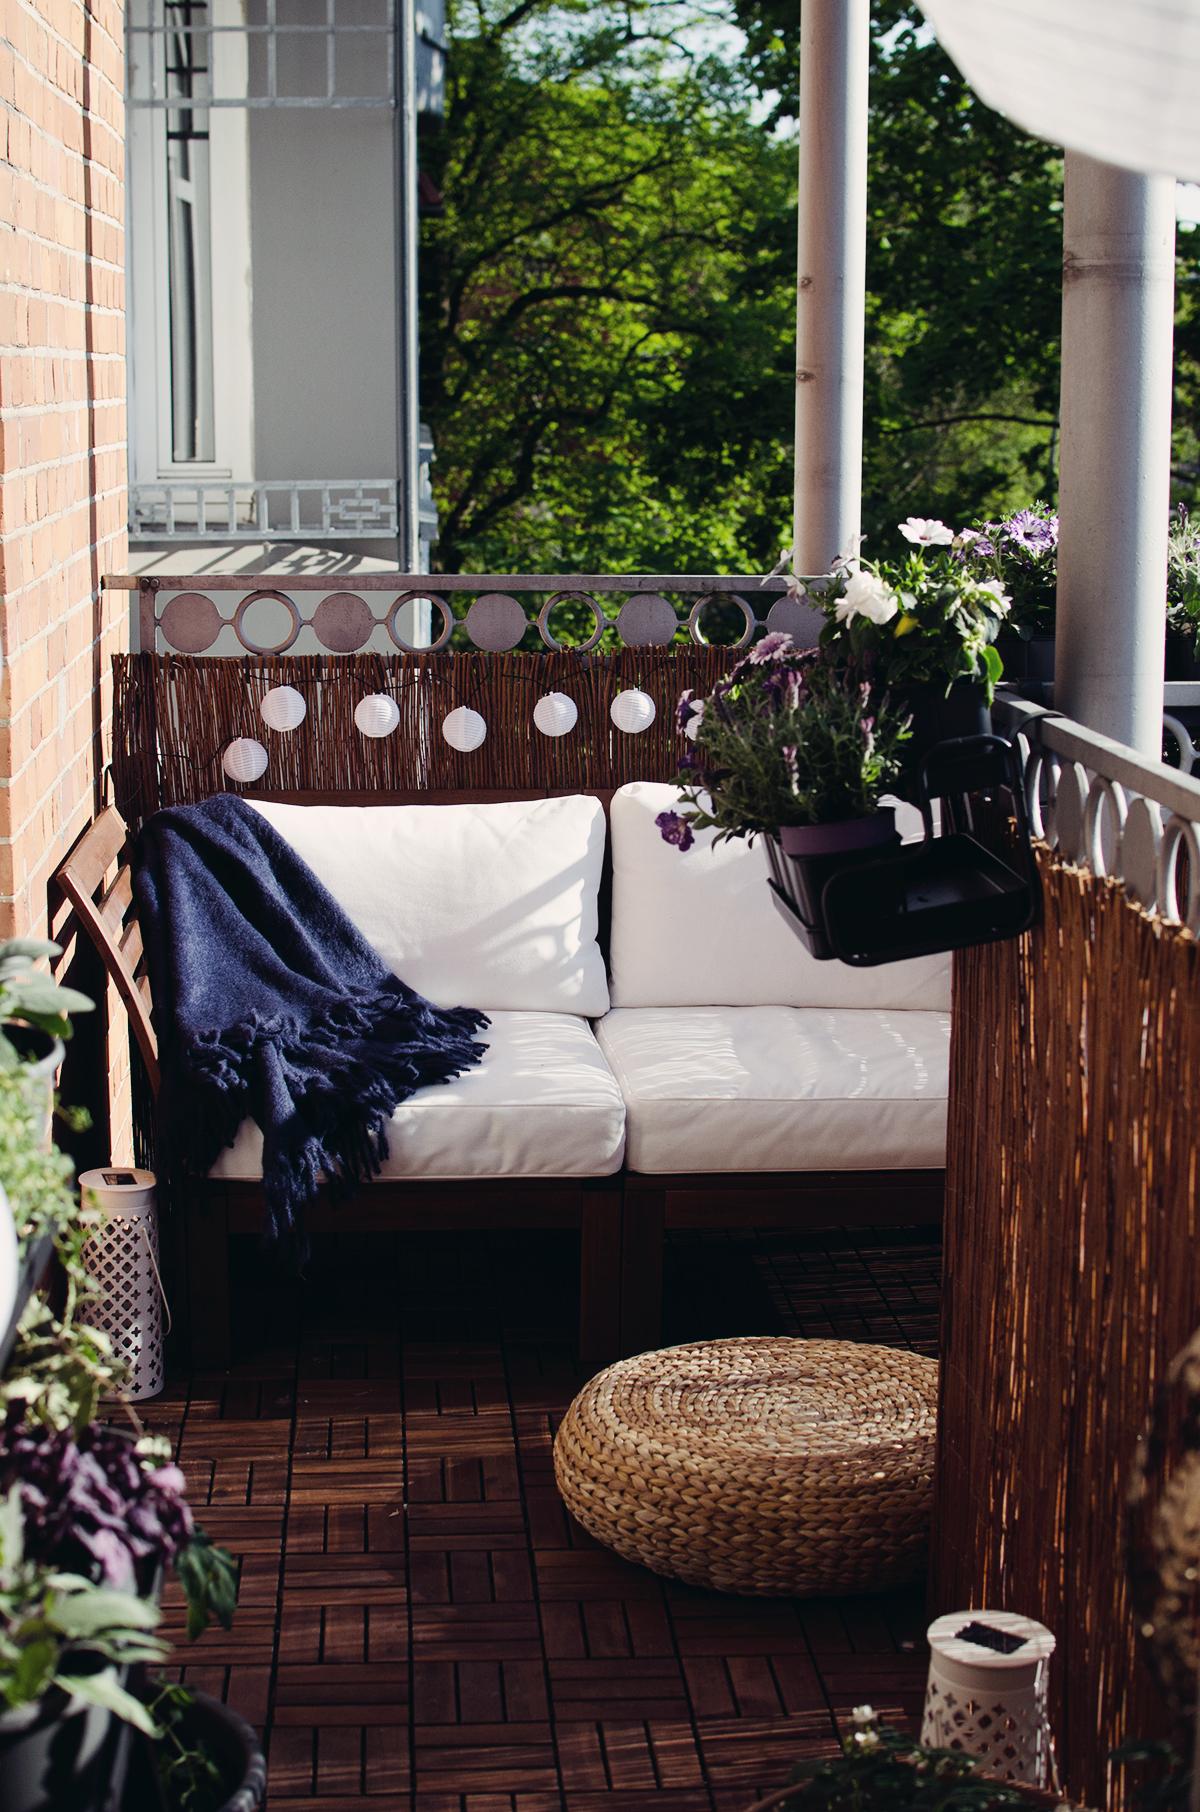 Full Size of Sichtschutz Balkon Ikea Renovieren Urlaub Auf Balkonien Betten 160x200 Sofa Mit Schlaffunktion Miniküche Für Garten Bei Küche Kaufen Sichtschutzfolie Wohnzimmer Sichtschutz Balkon Ikea